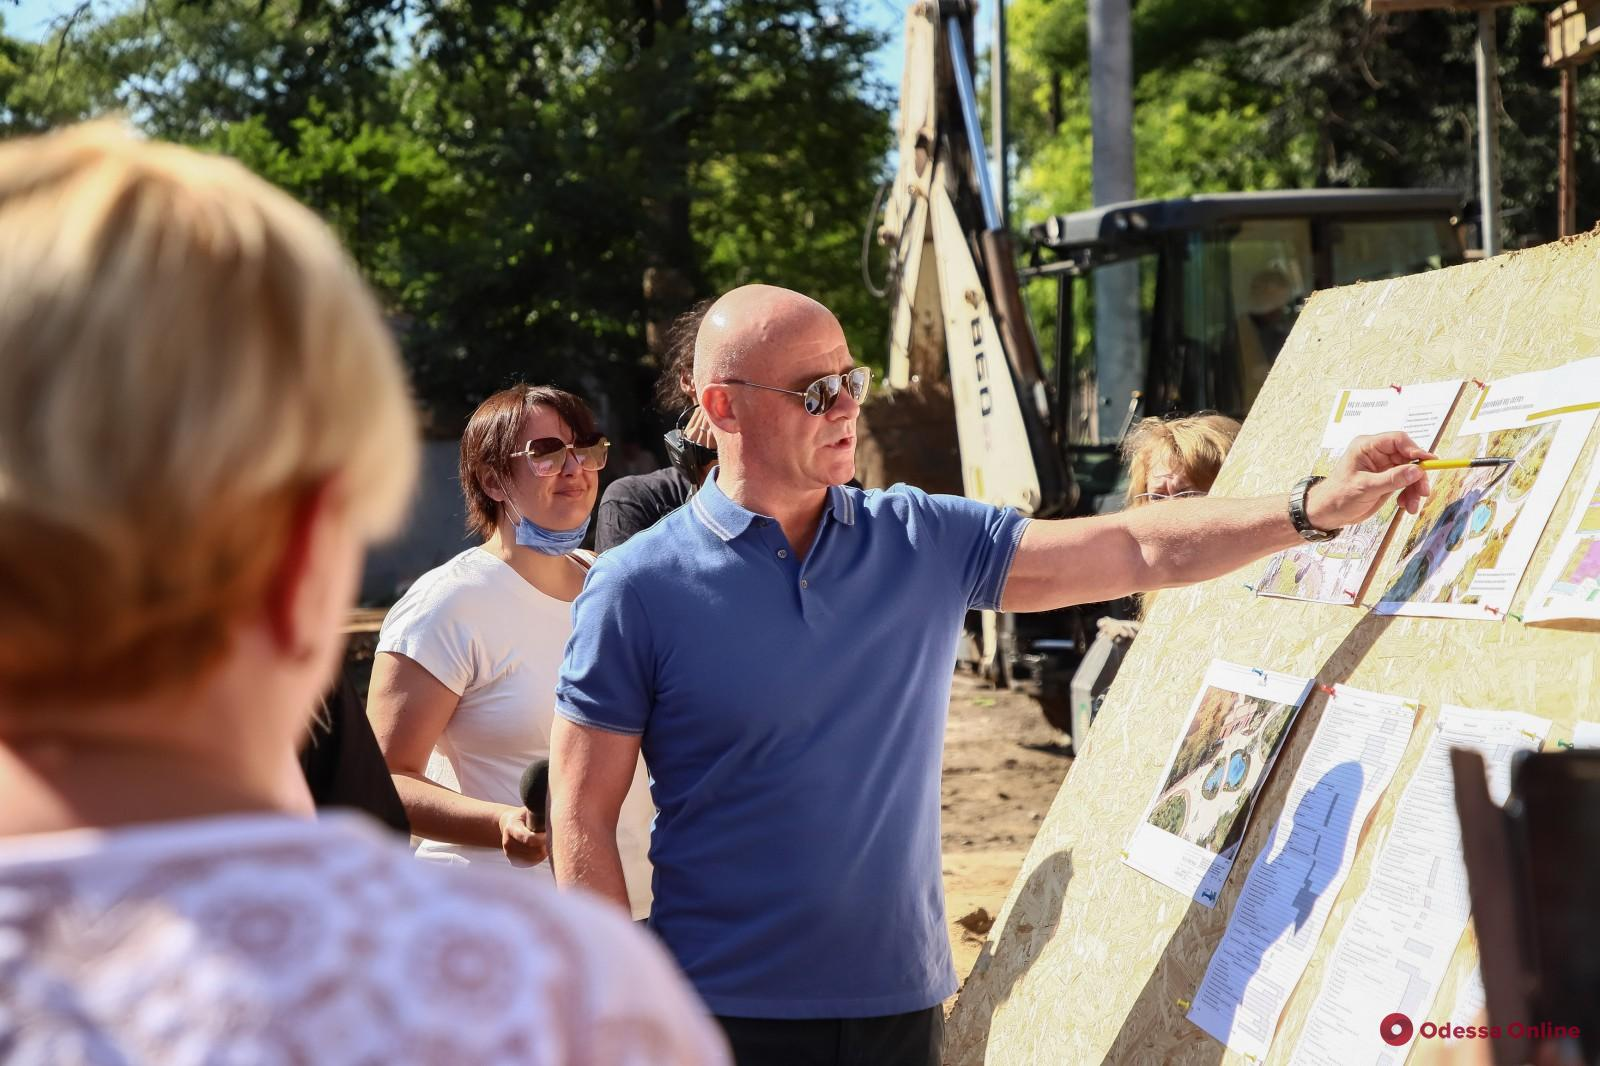 Мэр Одессы провел выездное совещание по вопросам благоустройства Преображенского парка (фото)